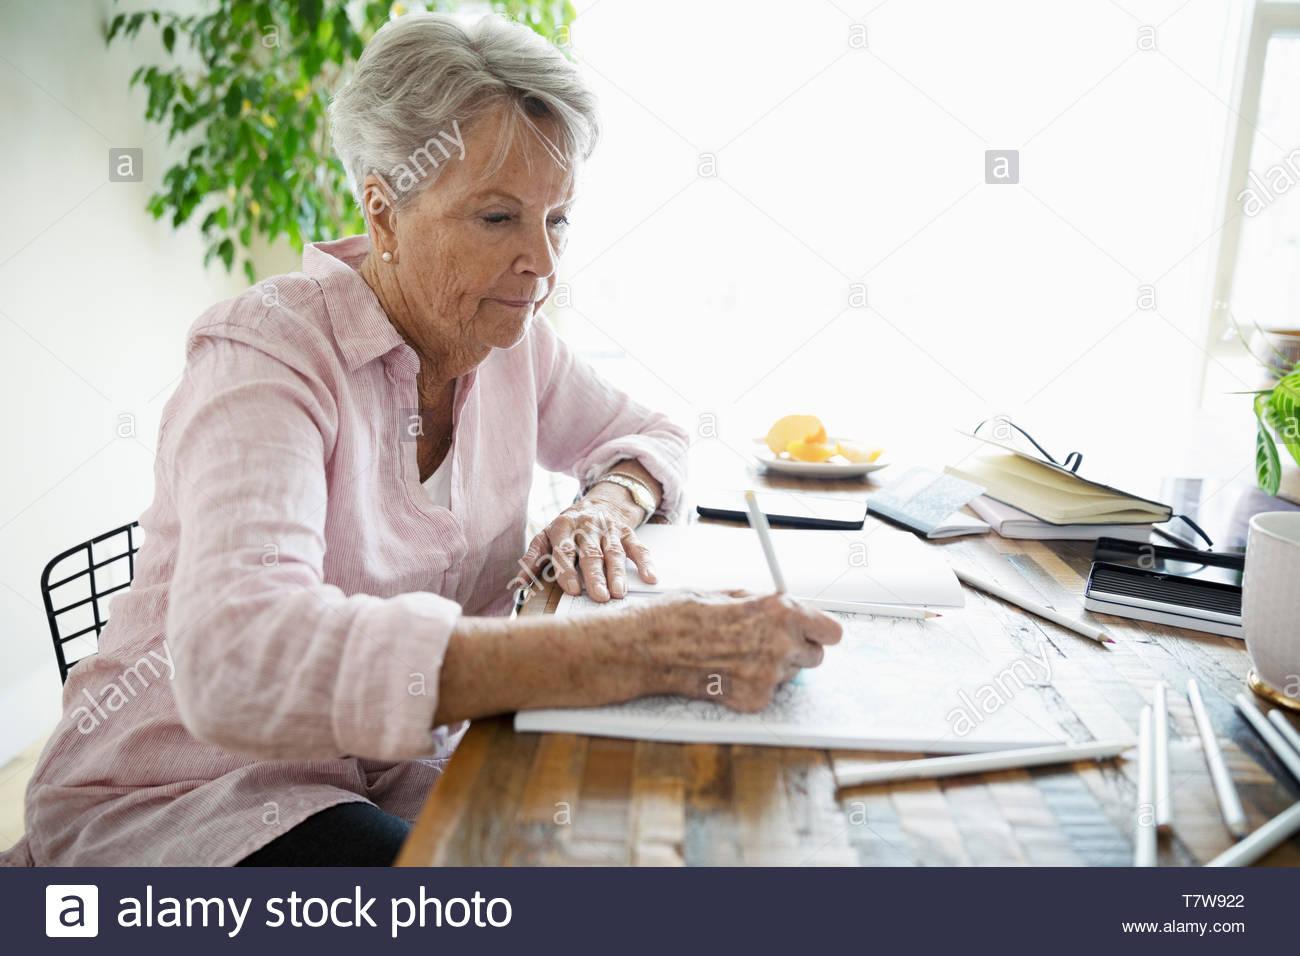 Femme senior dans un livre à colorier coloriage Photo Stock